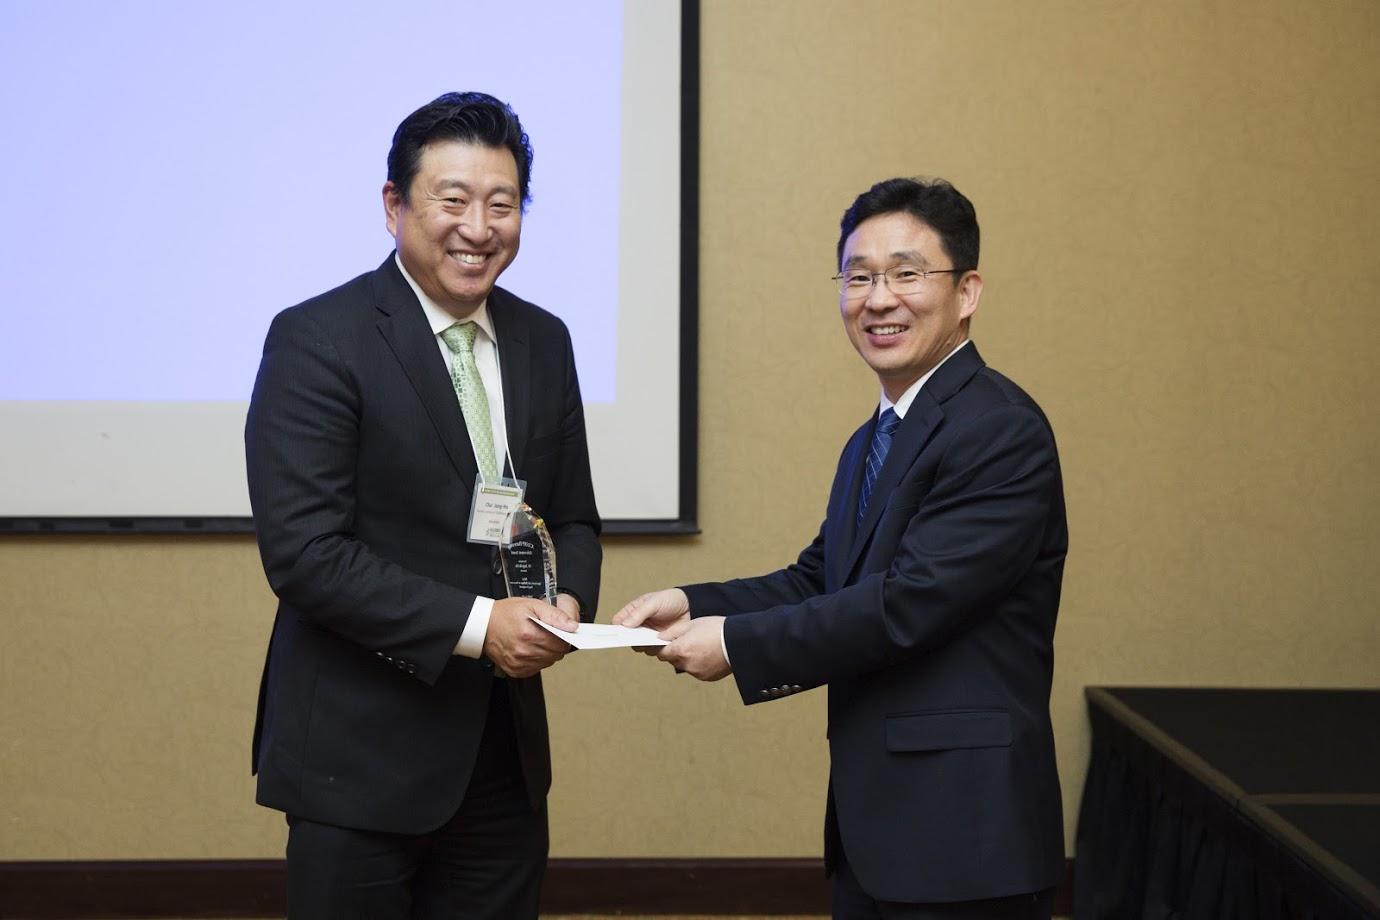 노바티스연구소 차장호 박사_KASBP 정재욱 회장